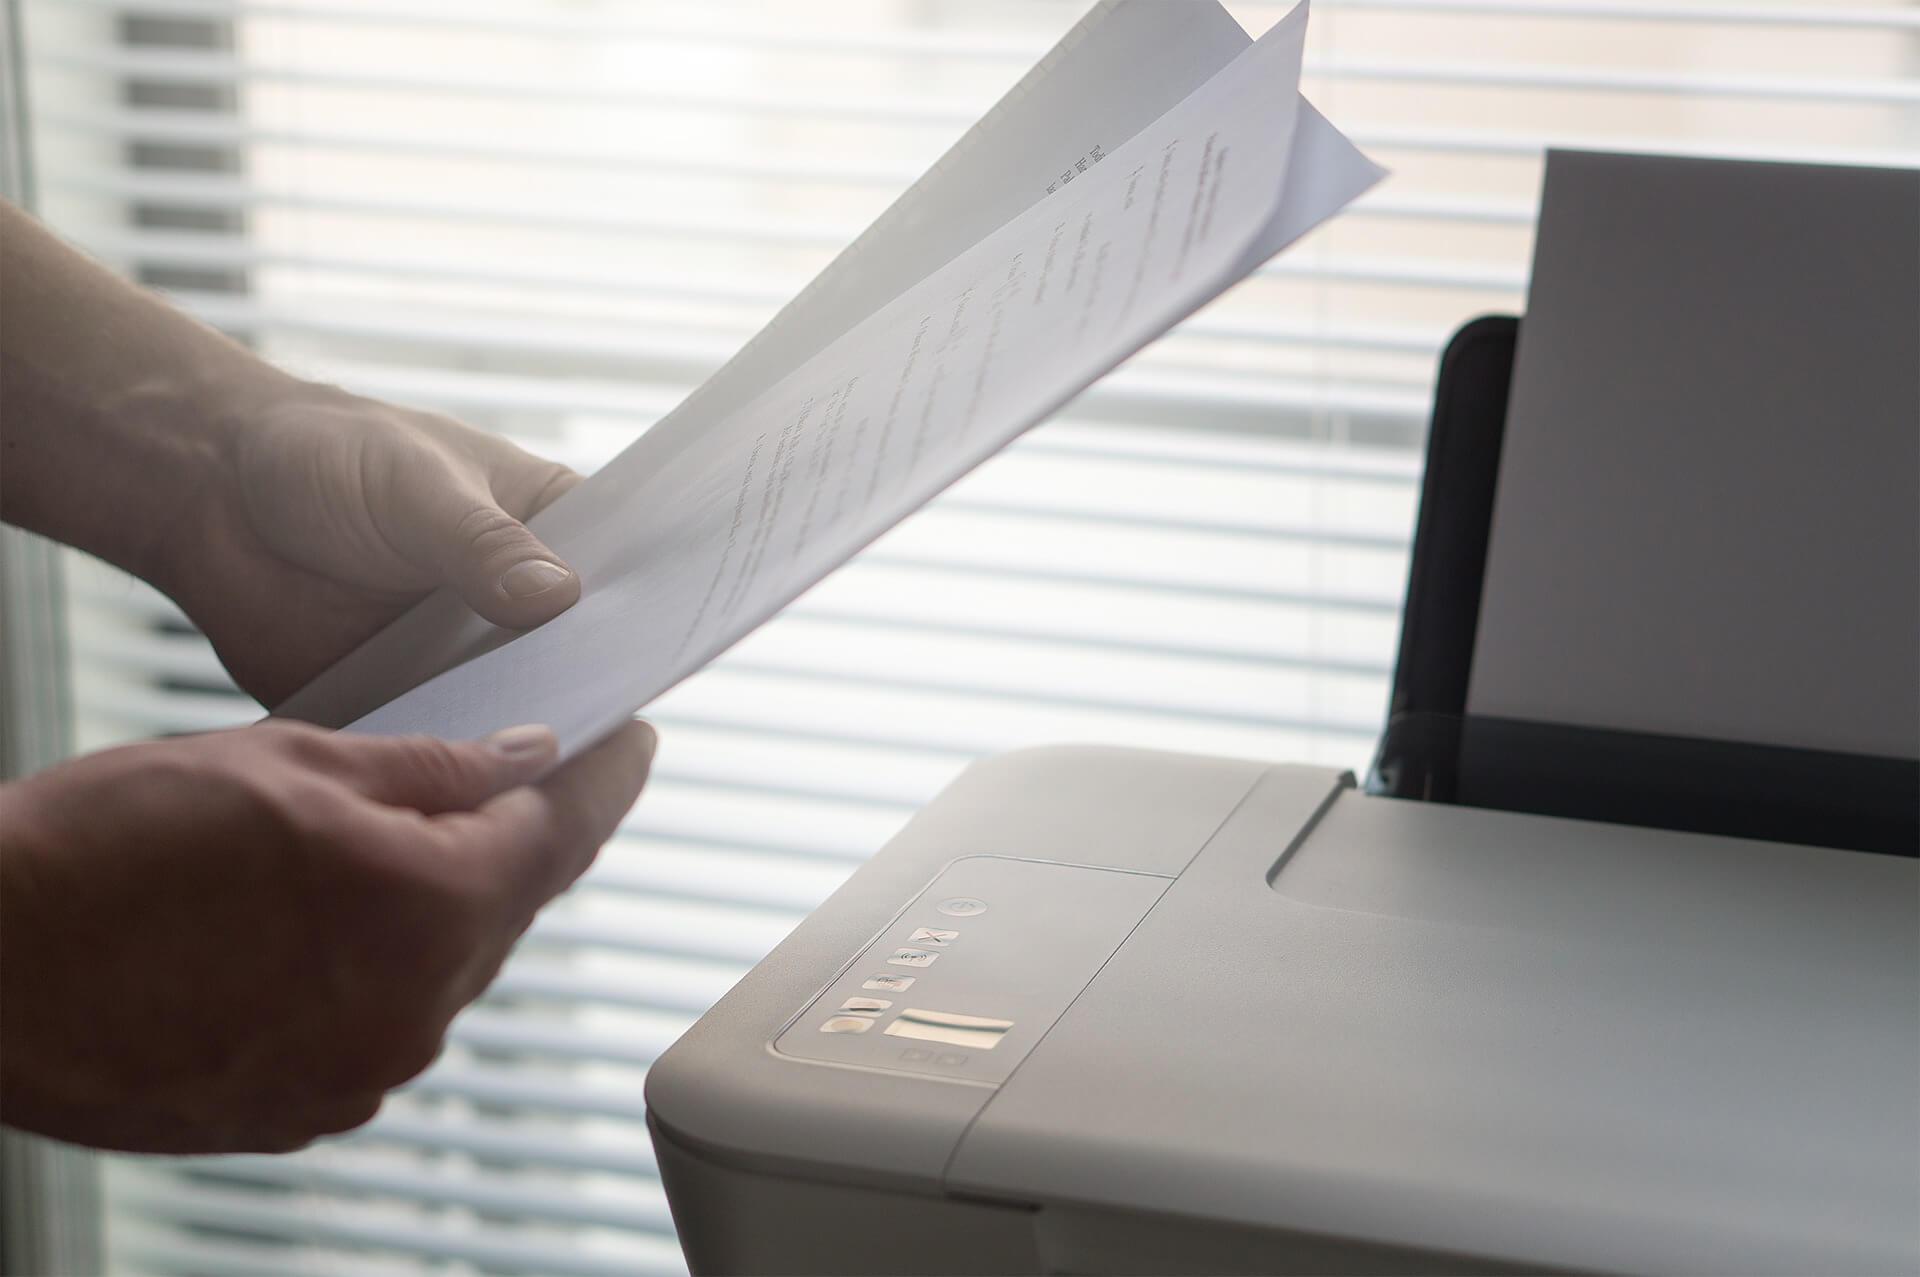 paper-scanner